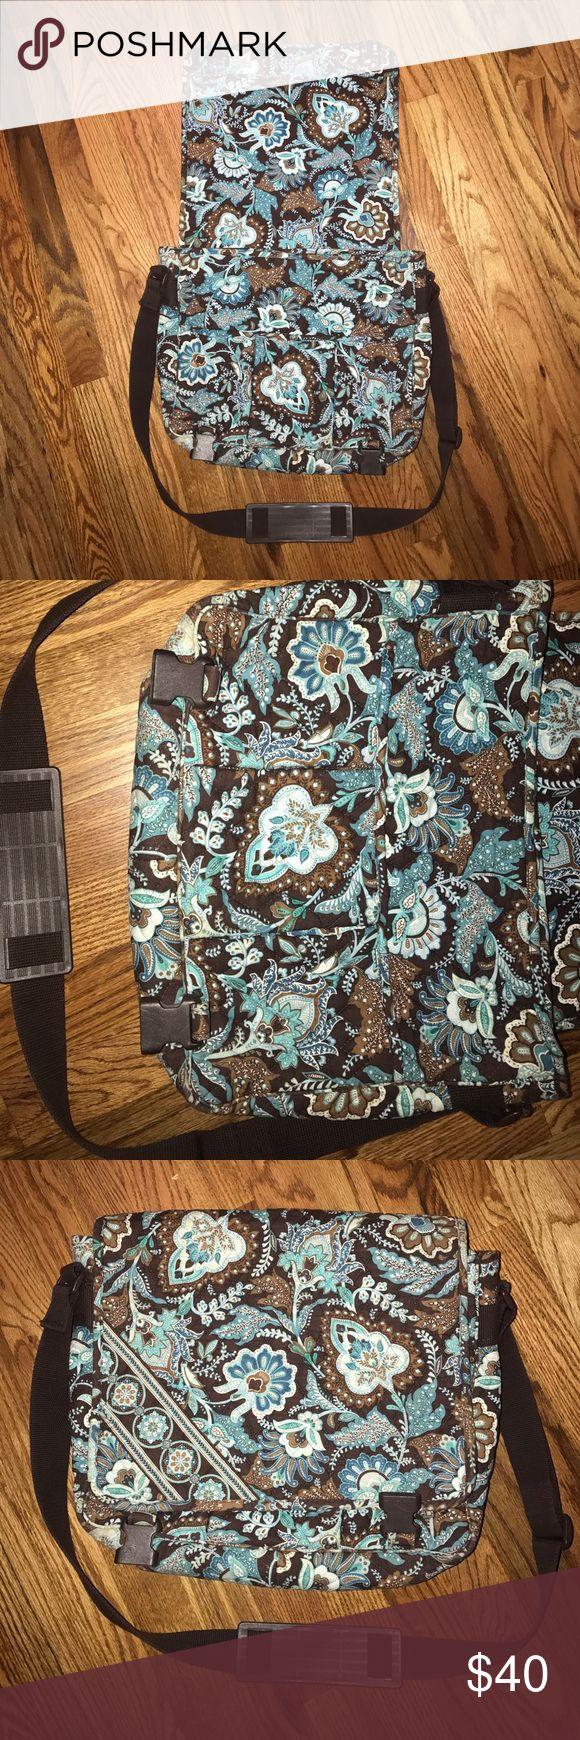 Vera Bradley shoulder bookbag/satchel/laptop bag Brown, blue, white patterned Vera Bradley laptop bag with pockets. Vera Bradley Bags Satchels